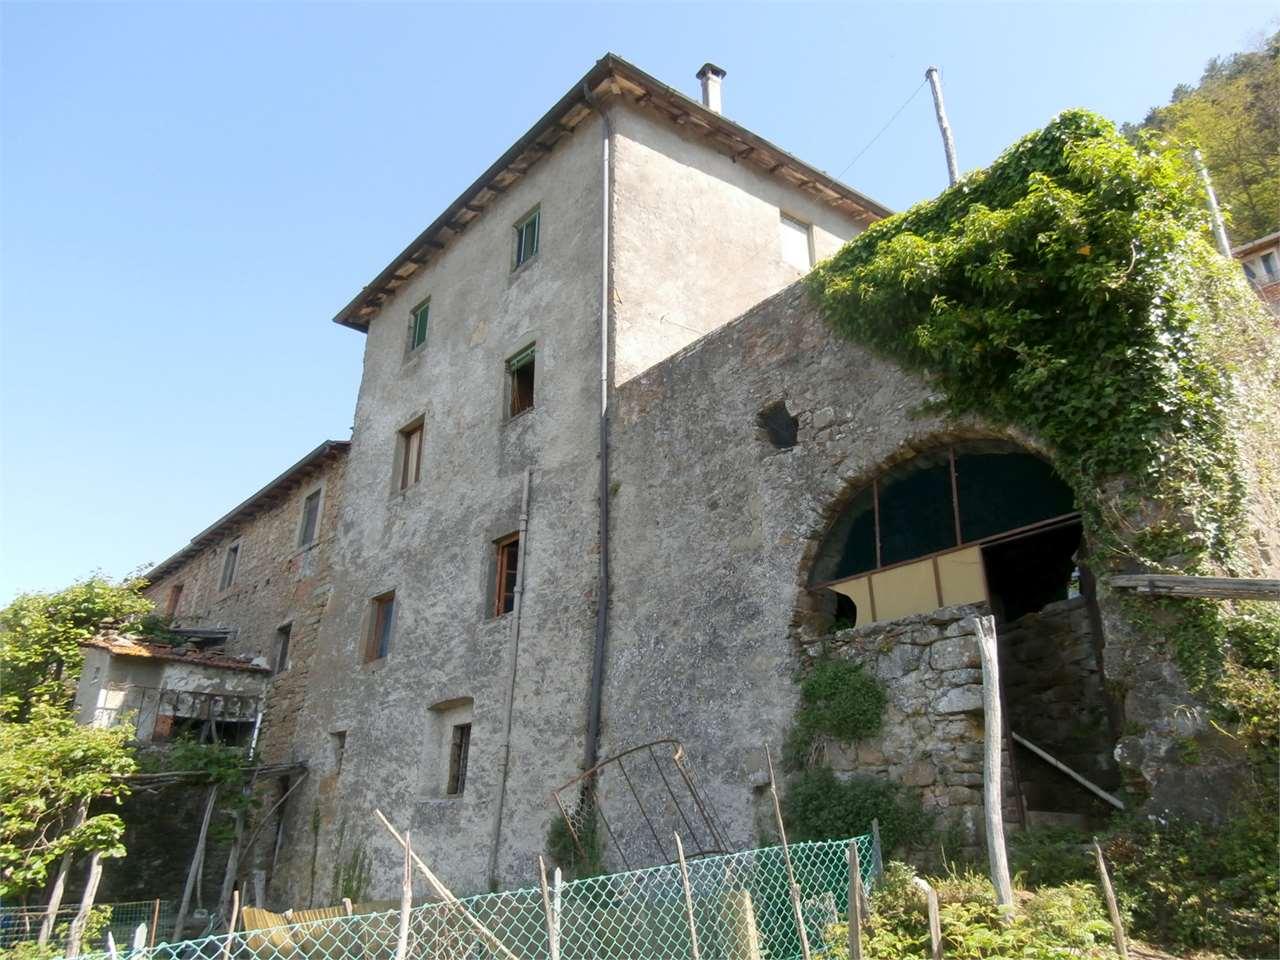 Appartamento in vendita a Bagni di Lucca, 11 locali, prezzo € 95.000 | CambioCasa.it